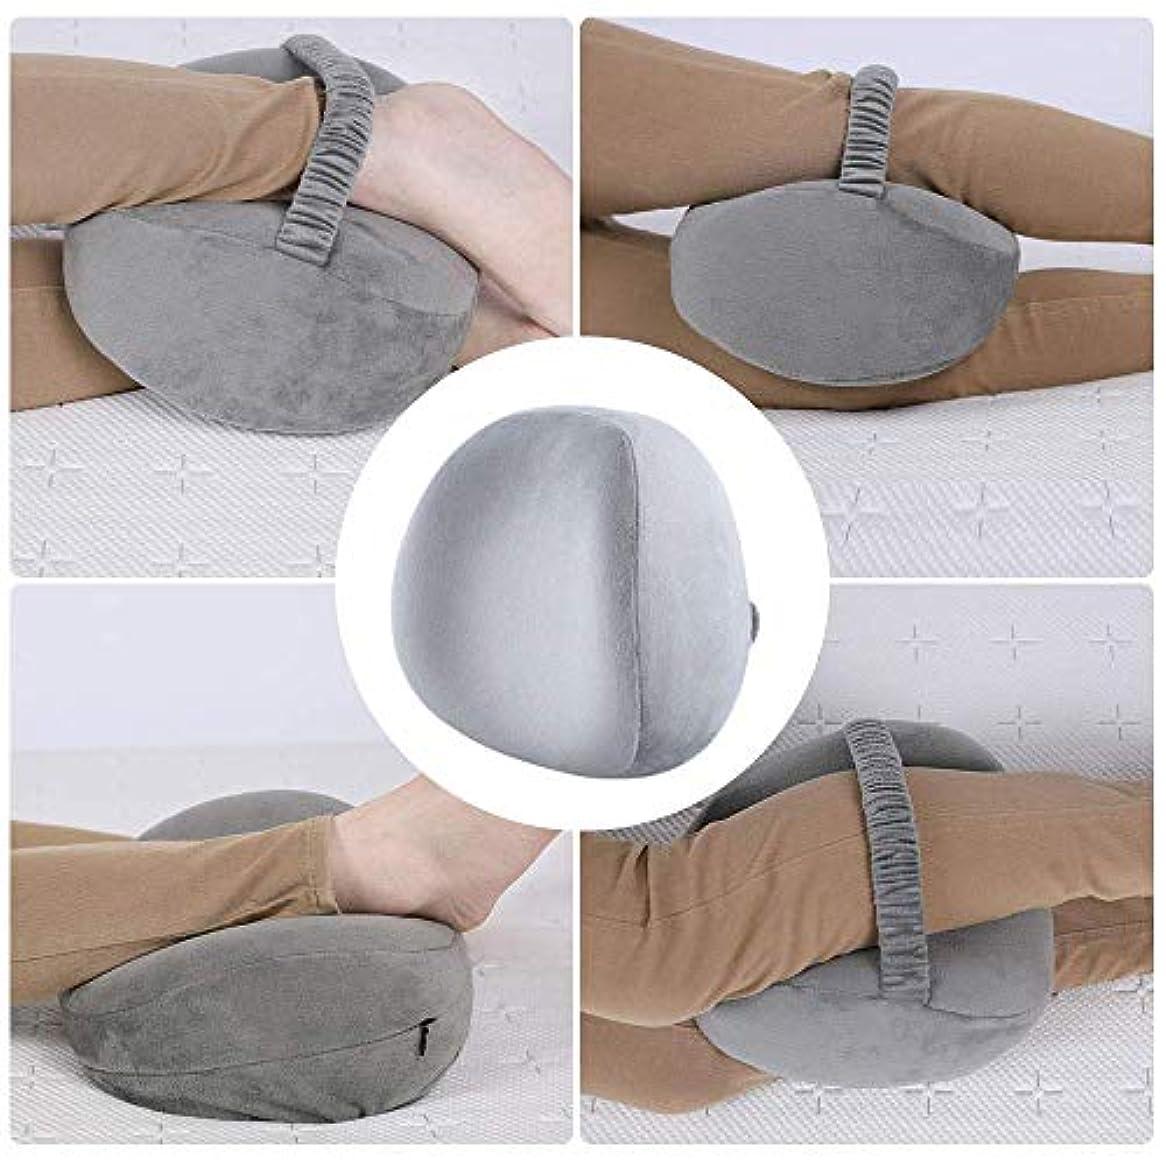 雨機械統合YiTong サイドスリーパー用ニーピローレッグポジショナー-ヒップ、背中、脚、膝の痛み、脊椎のアライメント、坐骨神経痛の緩和、妊娠–ウォッシャブルカバー付きプレミアムメモリーフォームウェッジ輪郭(グレー)